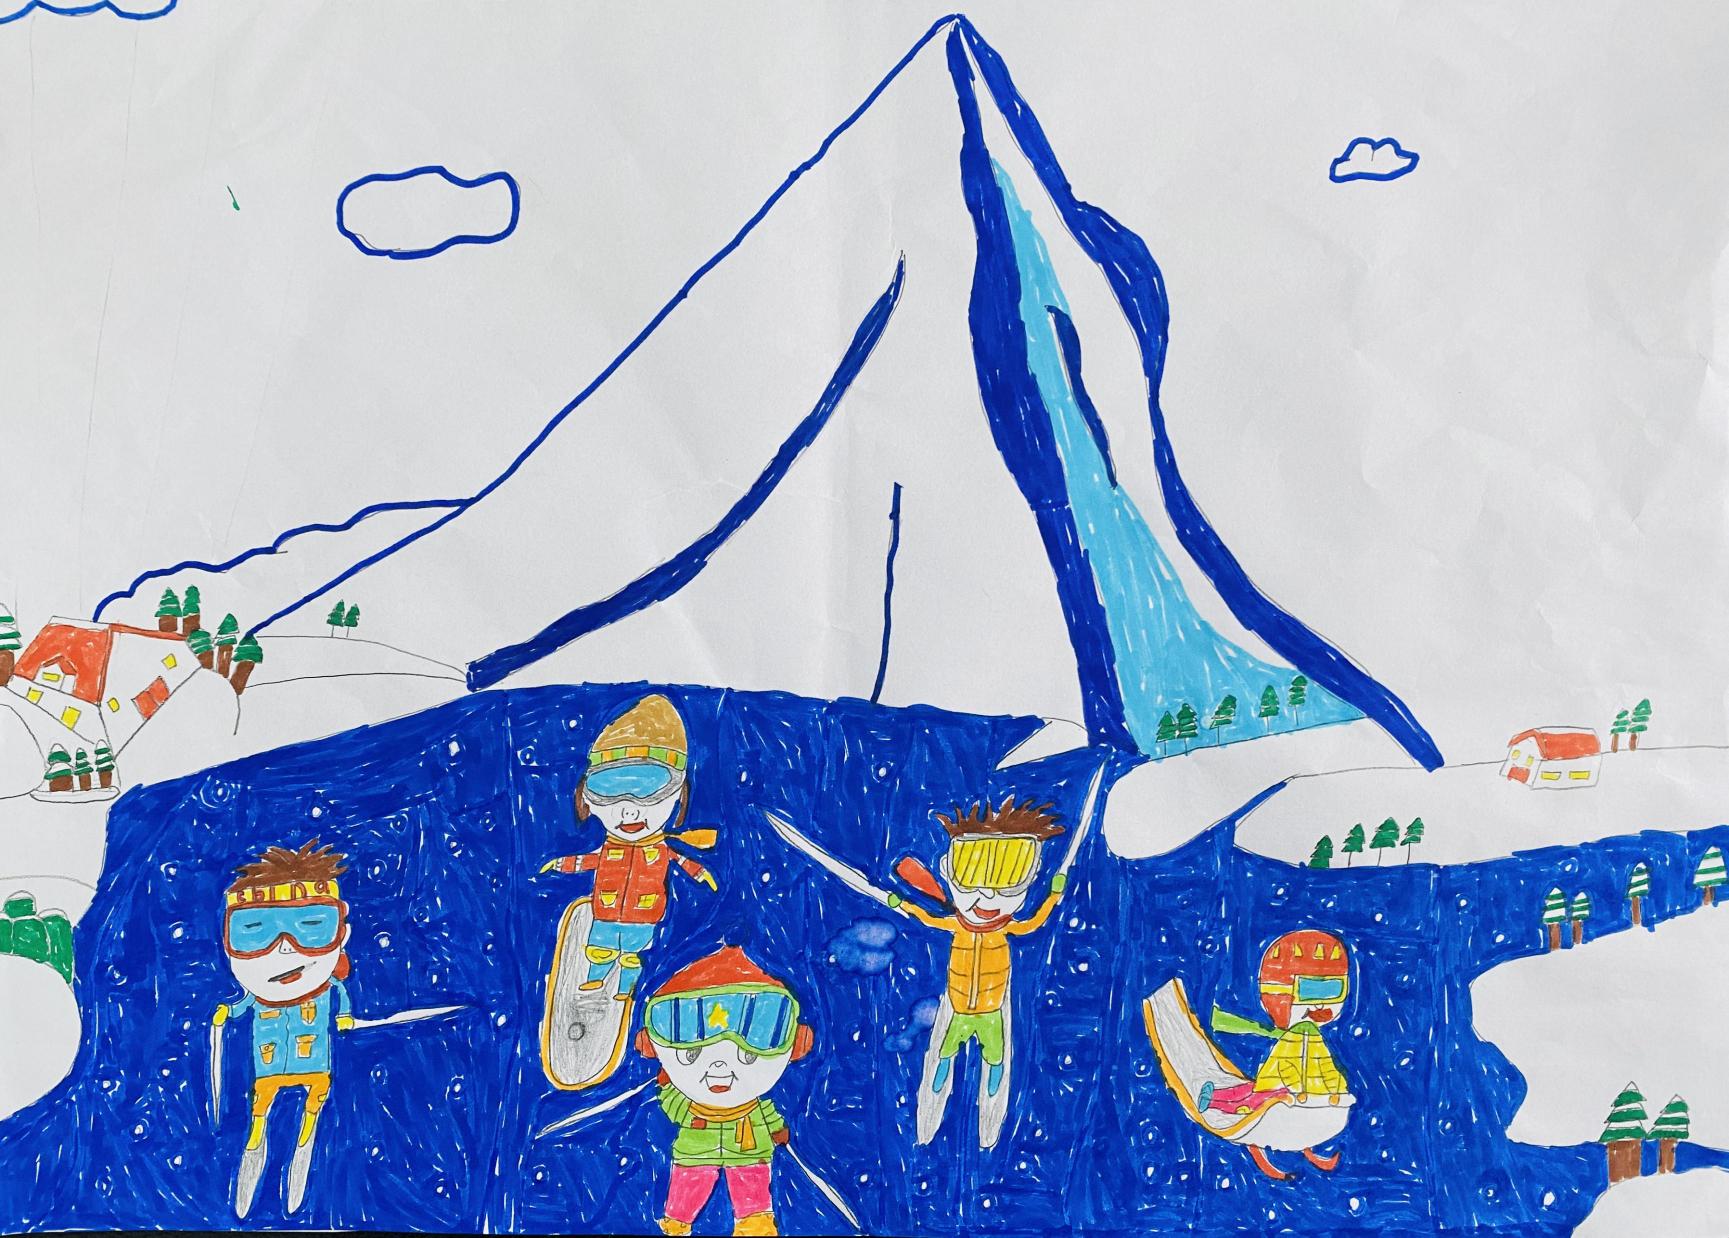 《一起滑雪吧!》 Let's Ski Together!+王浩瑞 Wang Haorui+8+18689898665